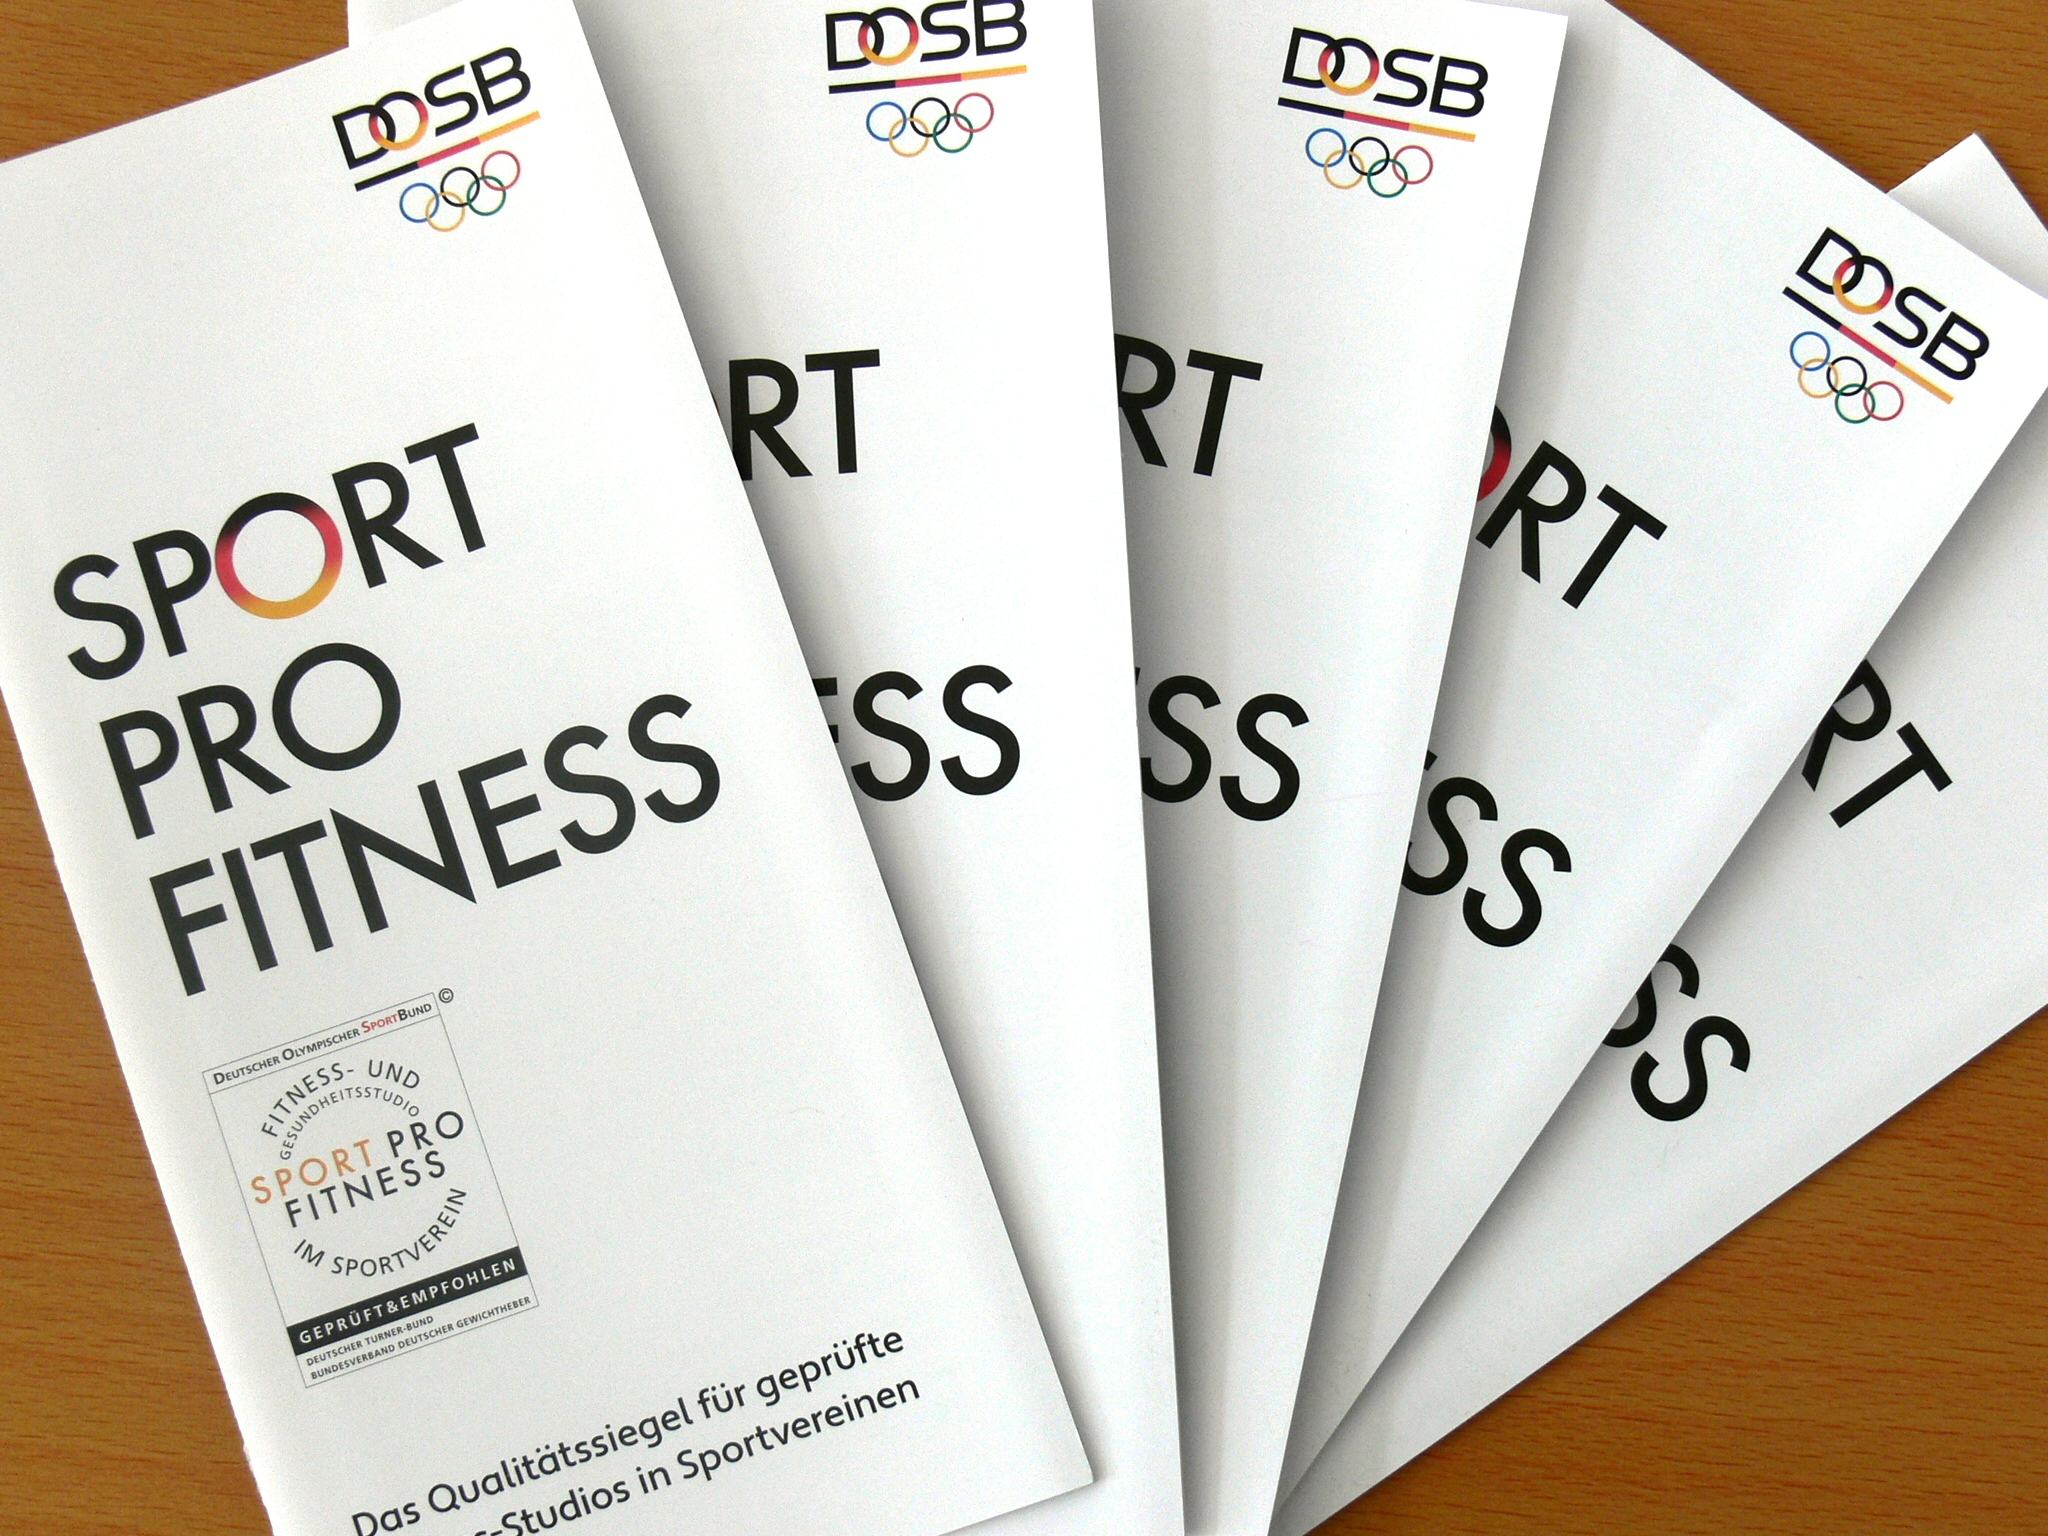 Der neue Info-Flyer SPORT PRO FITNESS